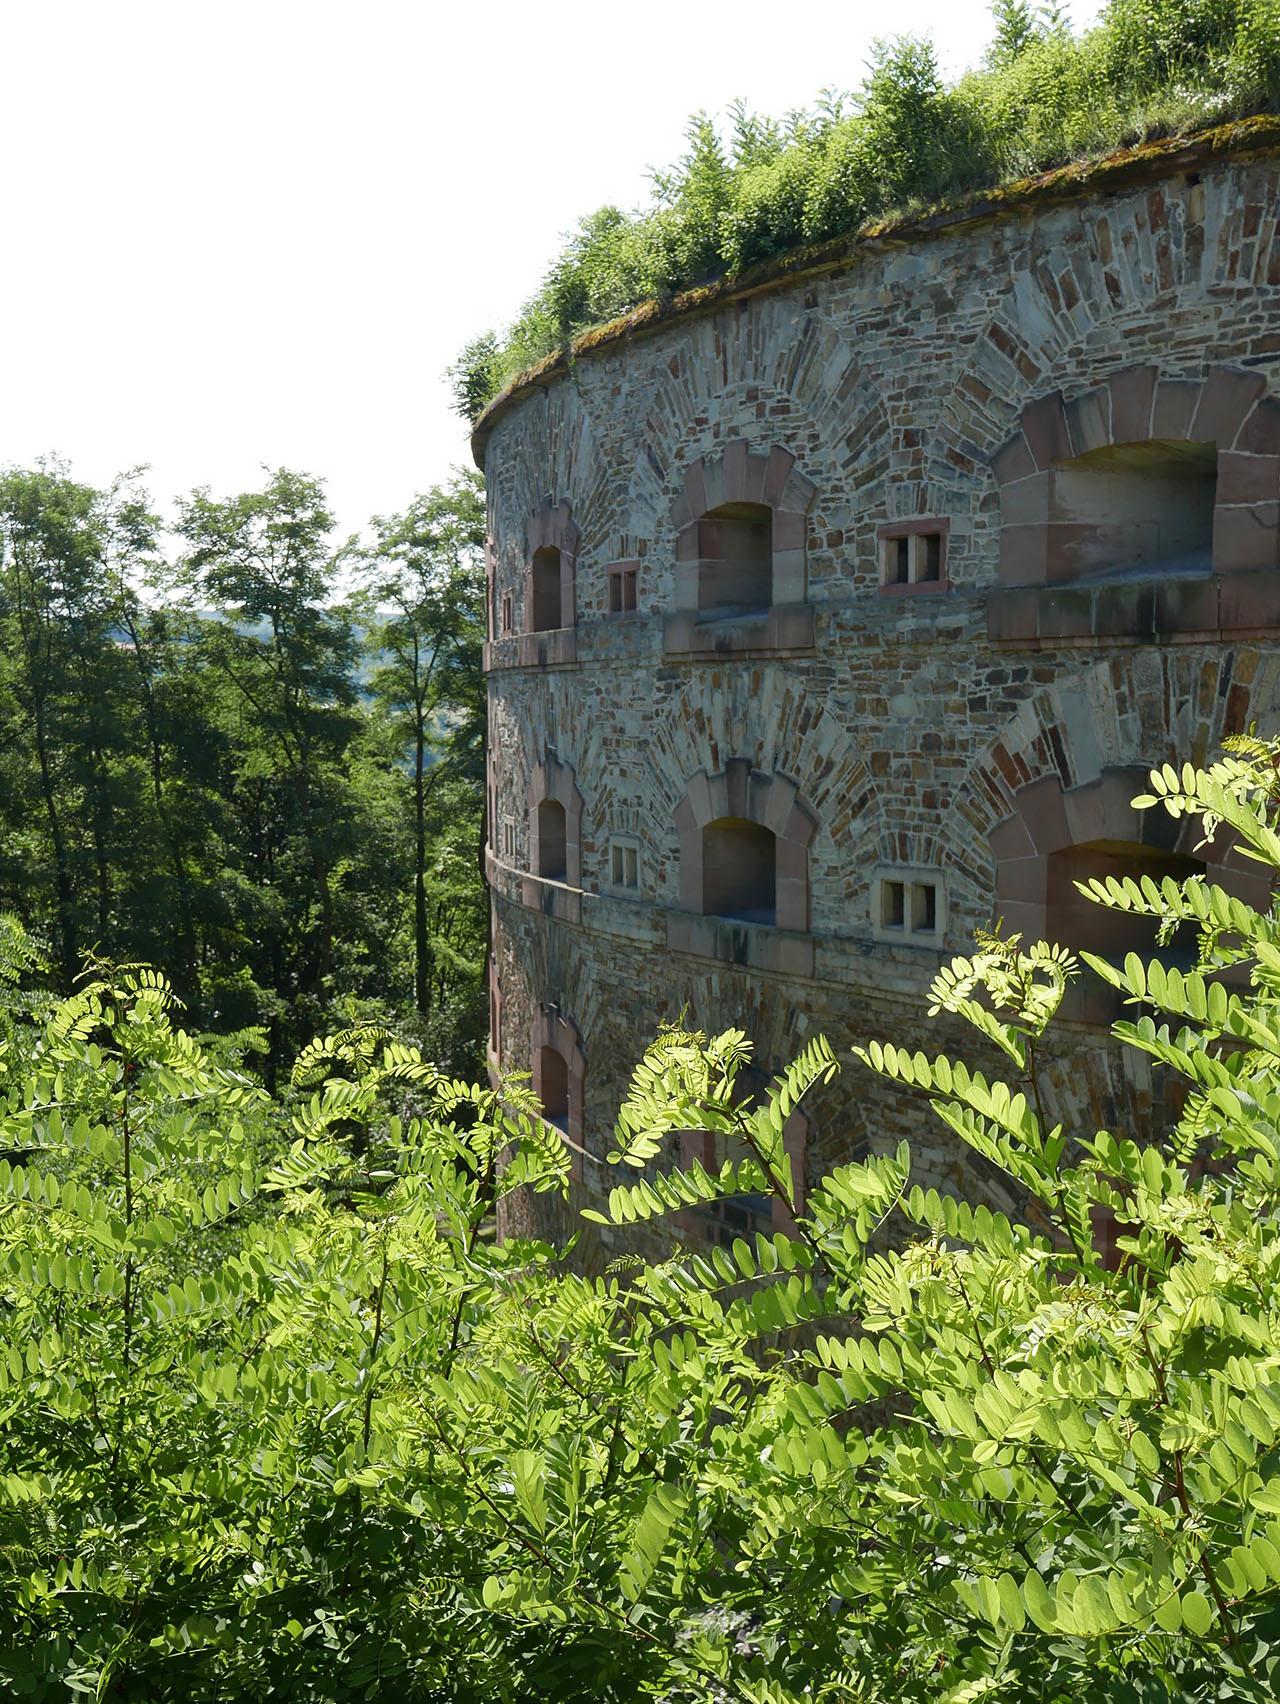 Cara Sharratt Travel - Koblenz, Germany